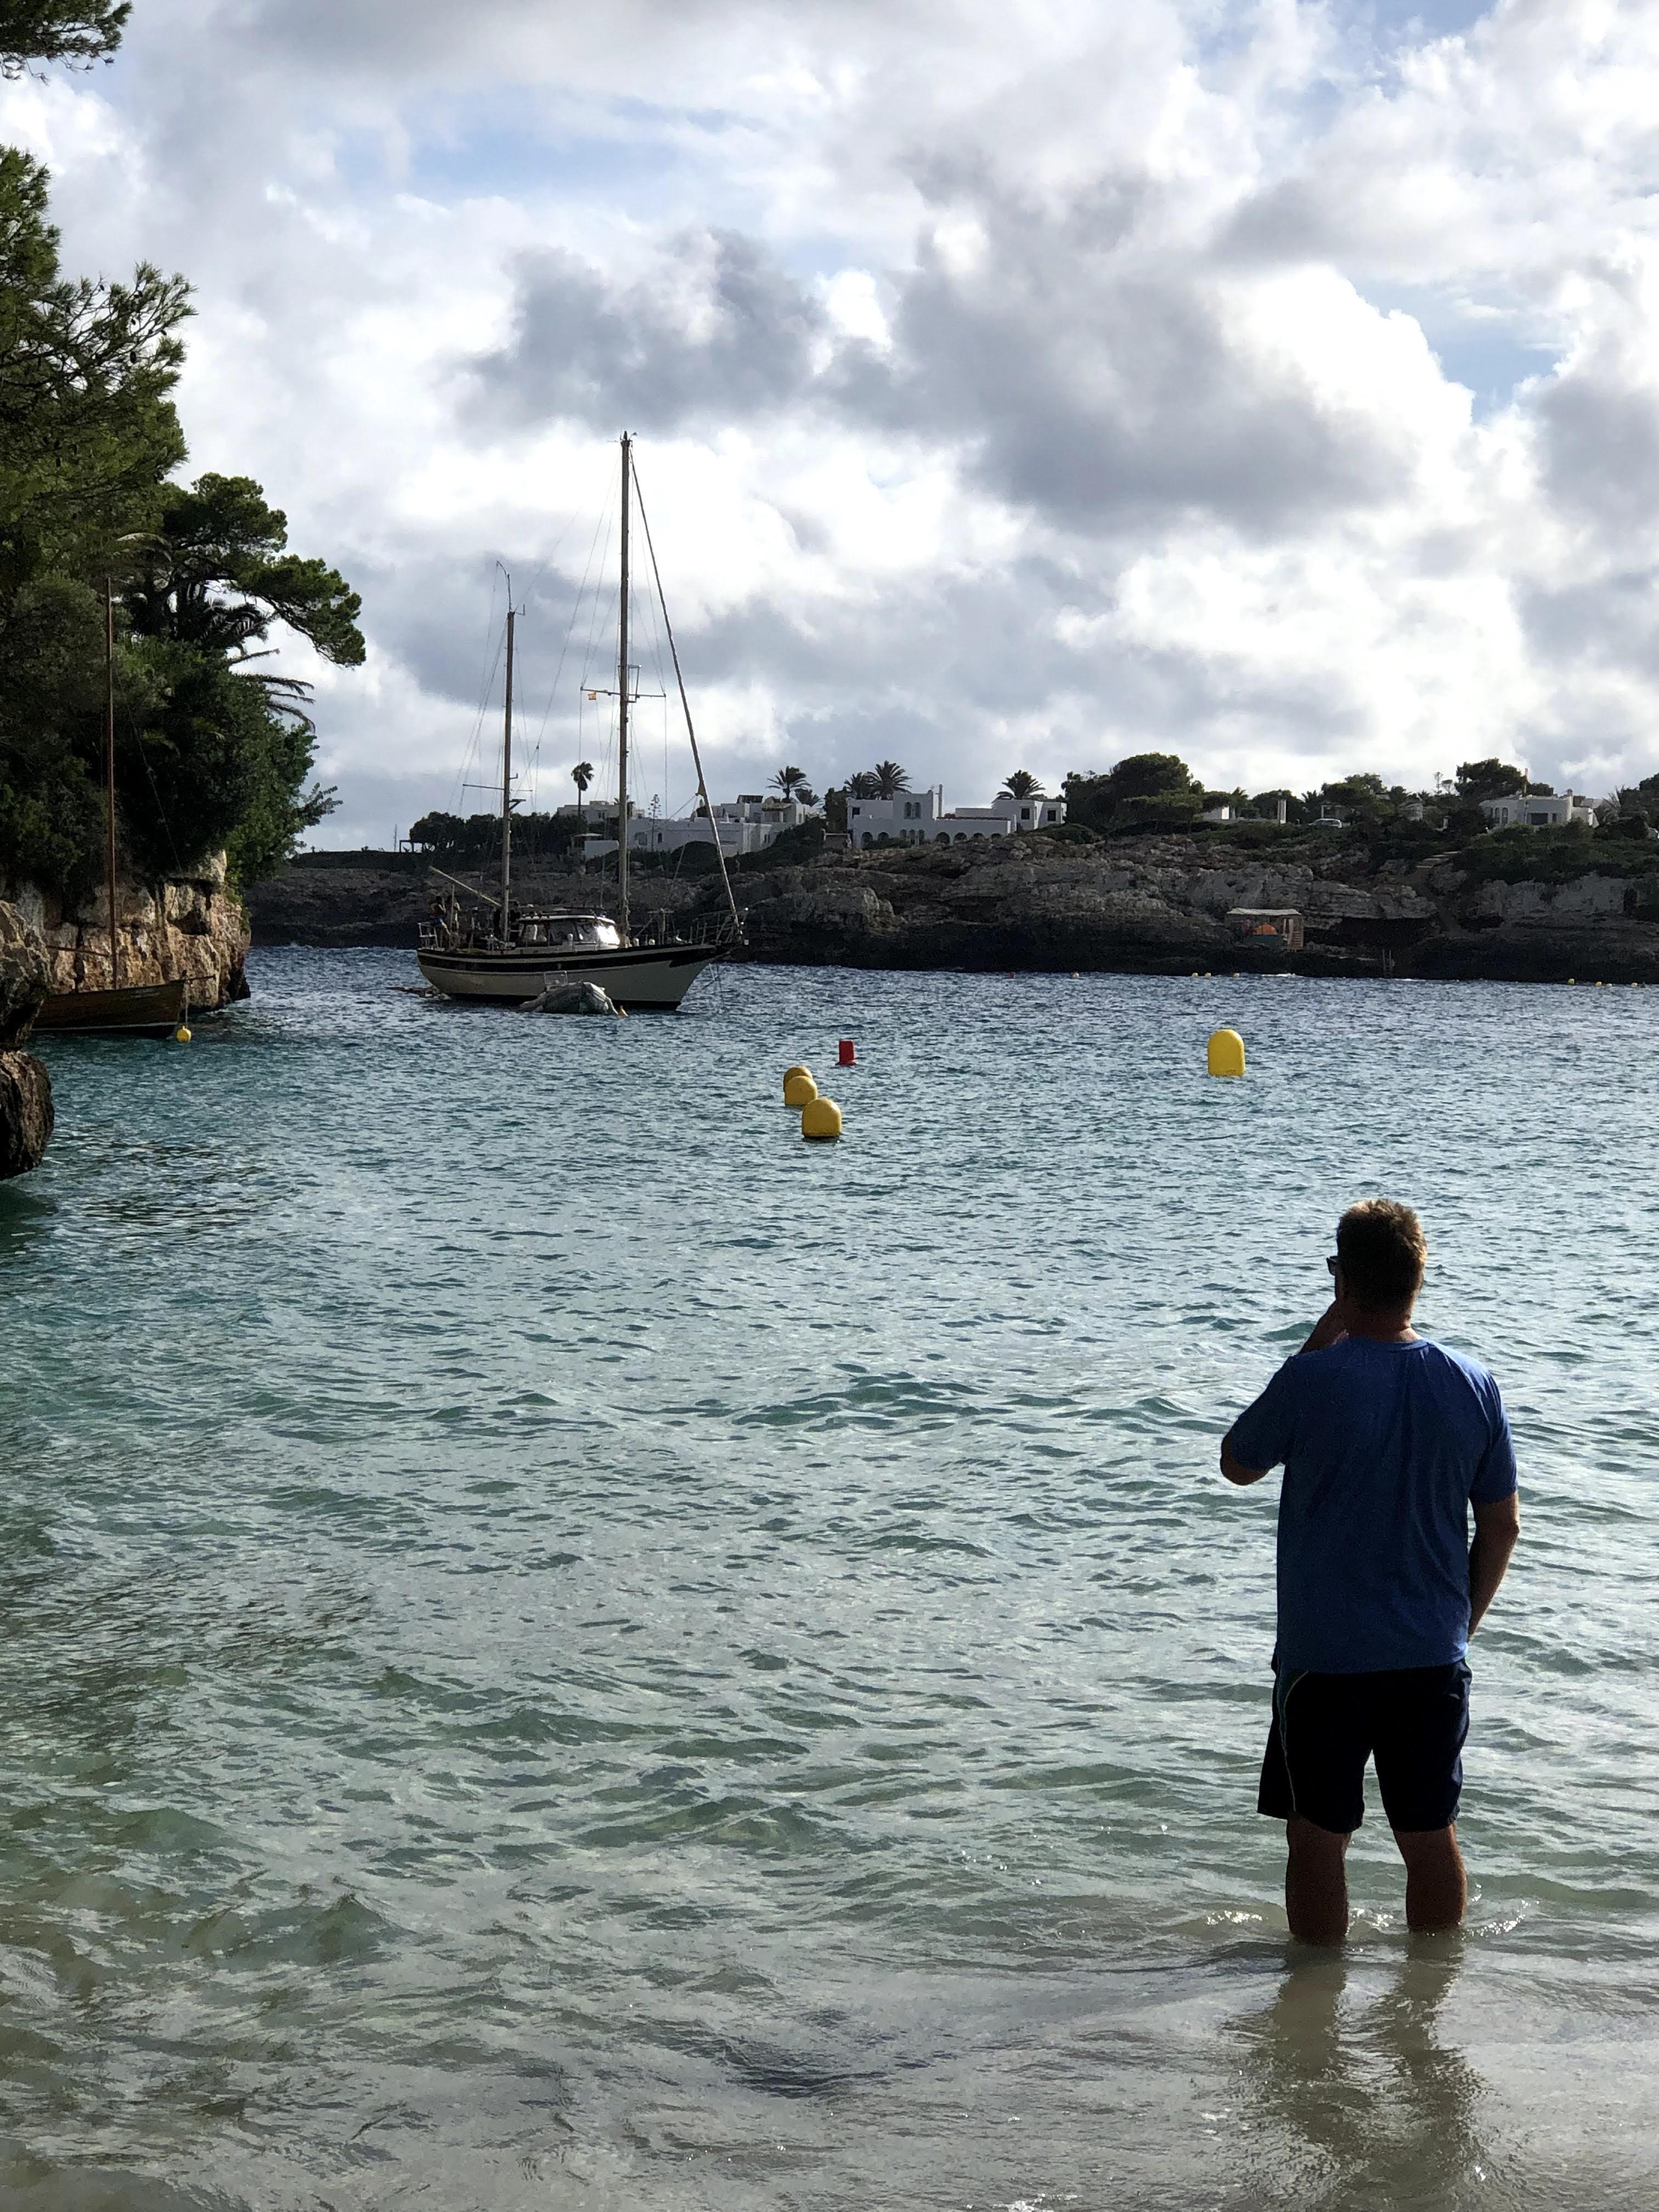 man on beach looking at sailboat